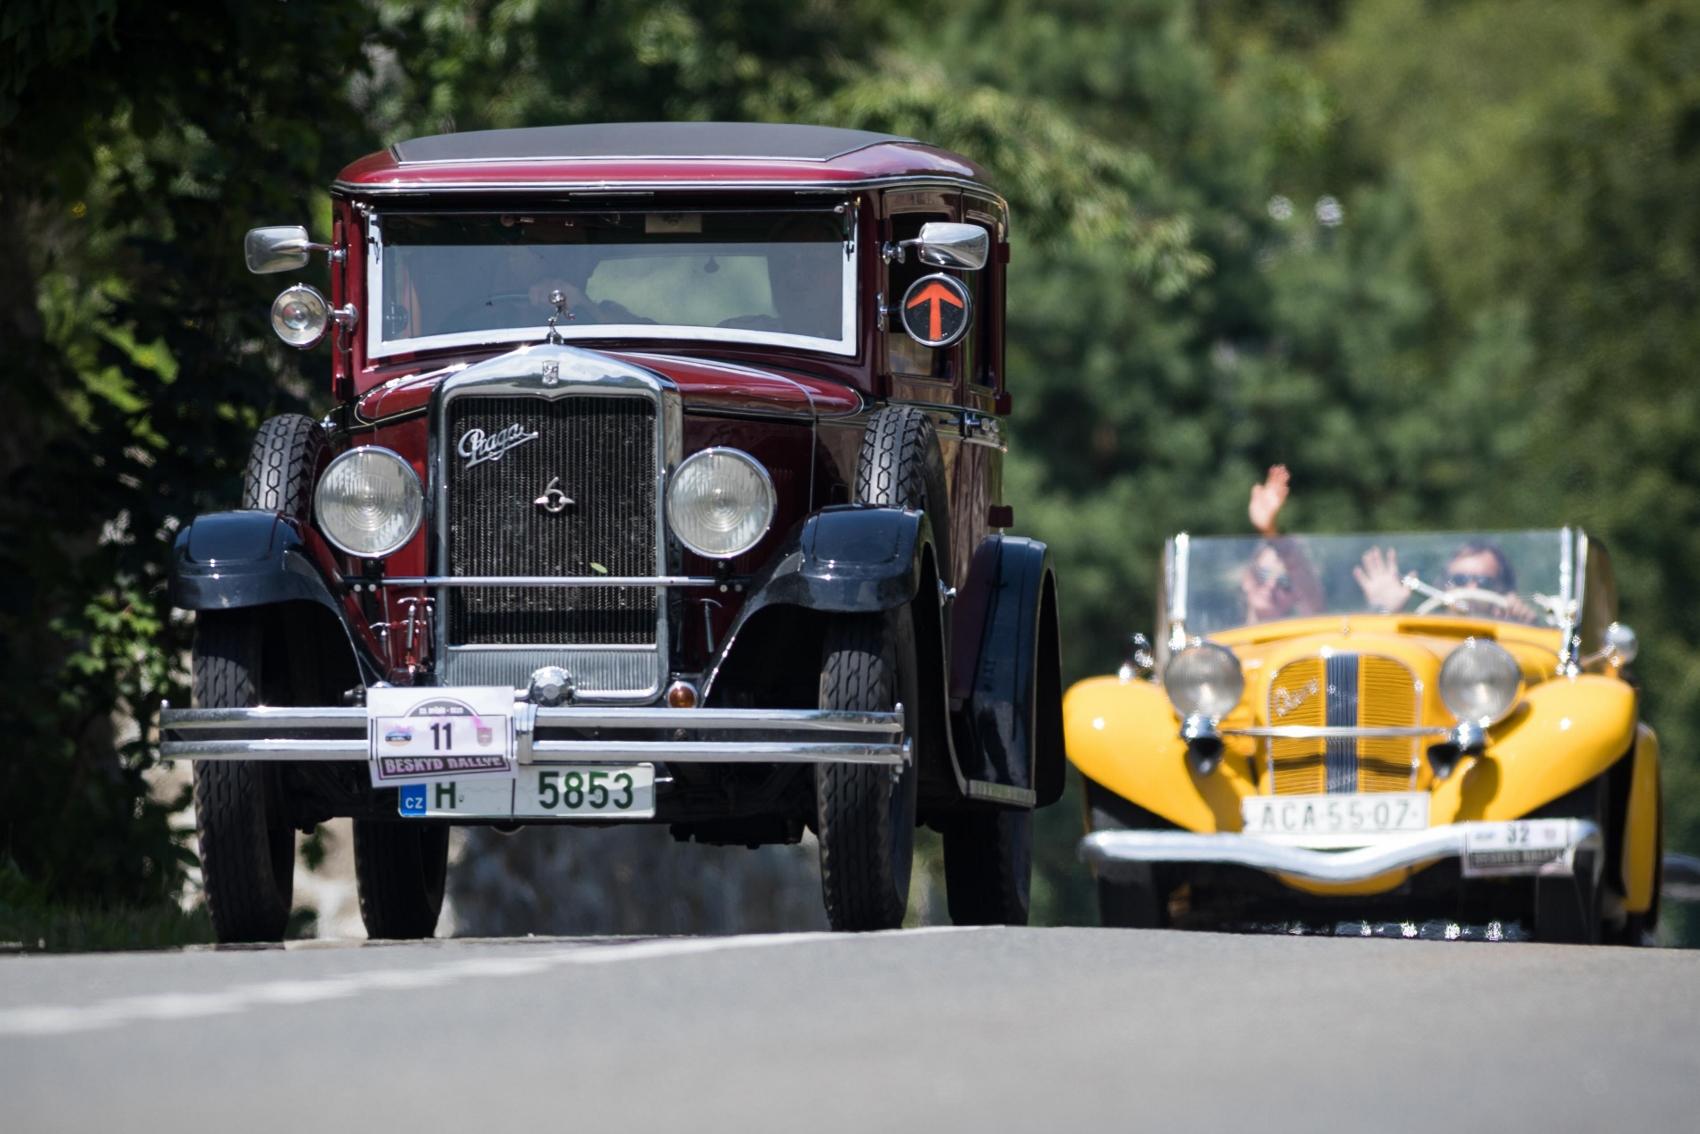 Pozrite si galériu z podujatia Beskyd Rallye – memoriál Ladislava Dlhopolčeka 2020 Gd8ziAA5By turzov